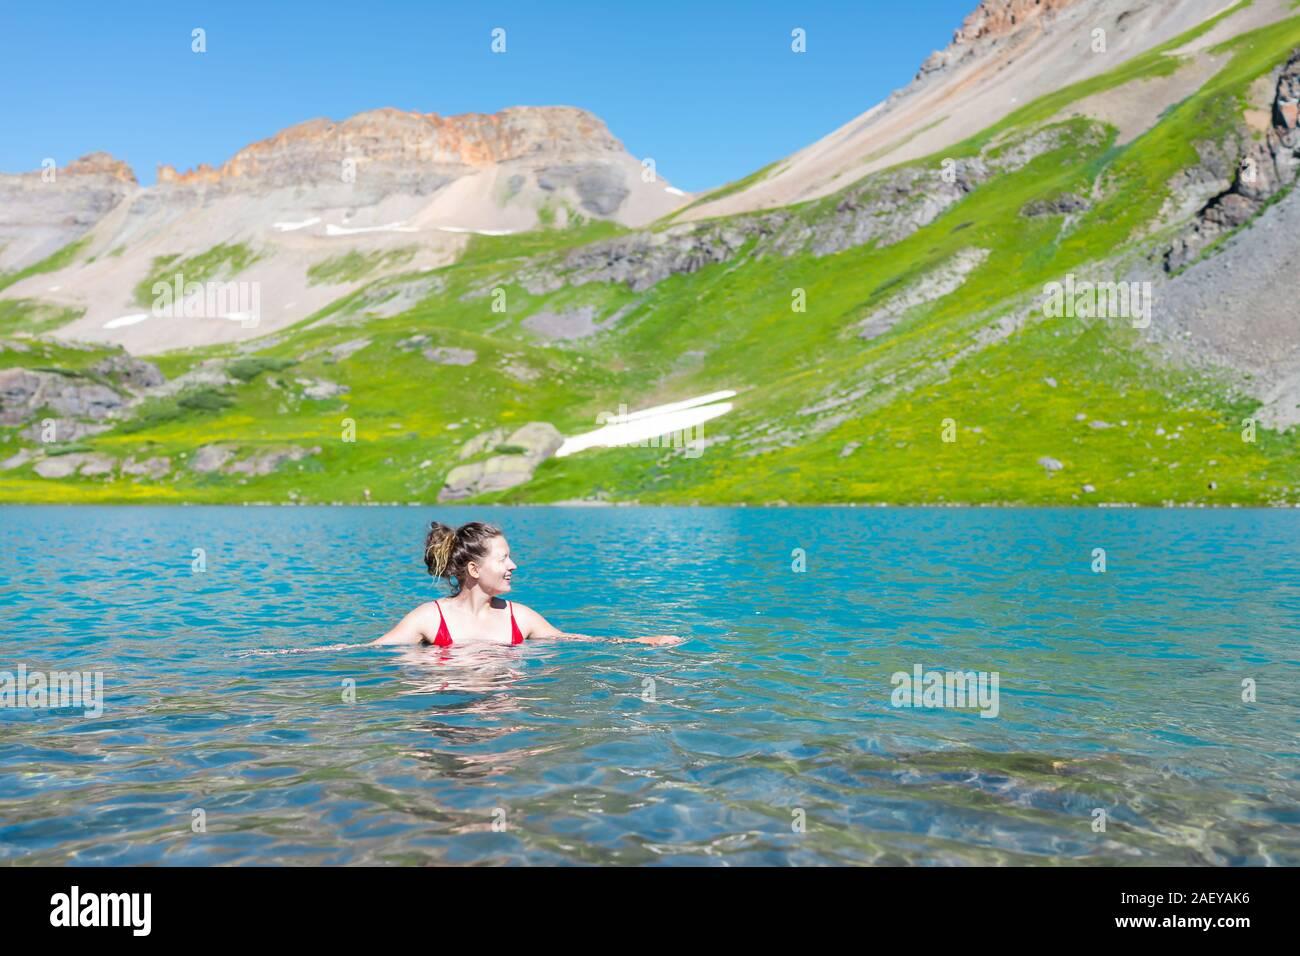 Junge Frau sucht Mädchen schwimmen im kalten lebendige Wasser Eis See auf dem berühmten Trail in Silverton, Colorado in San Juan Berge im Sommer Stockfoto